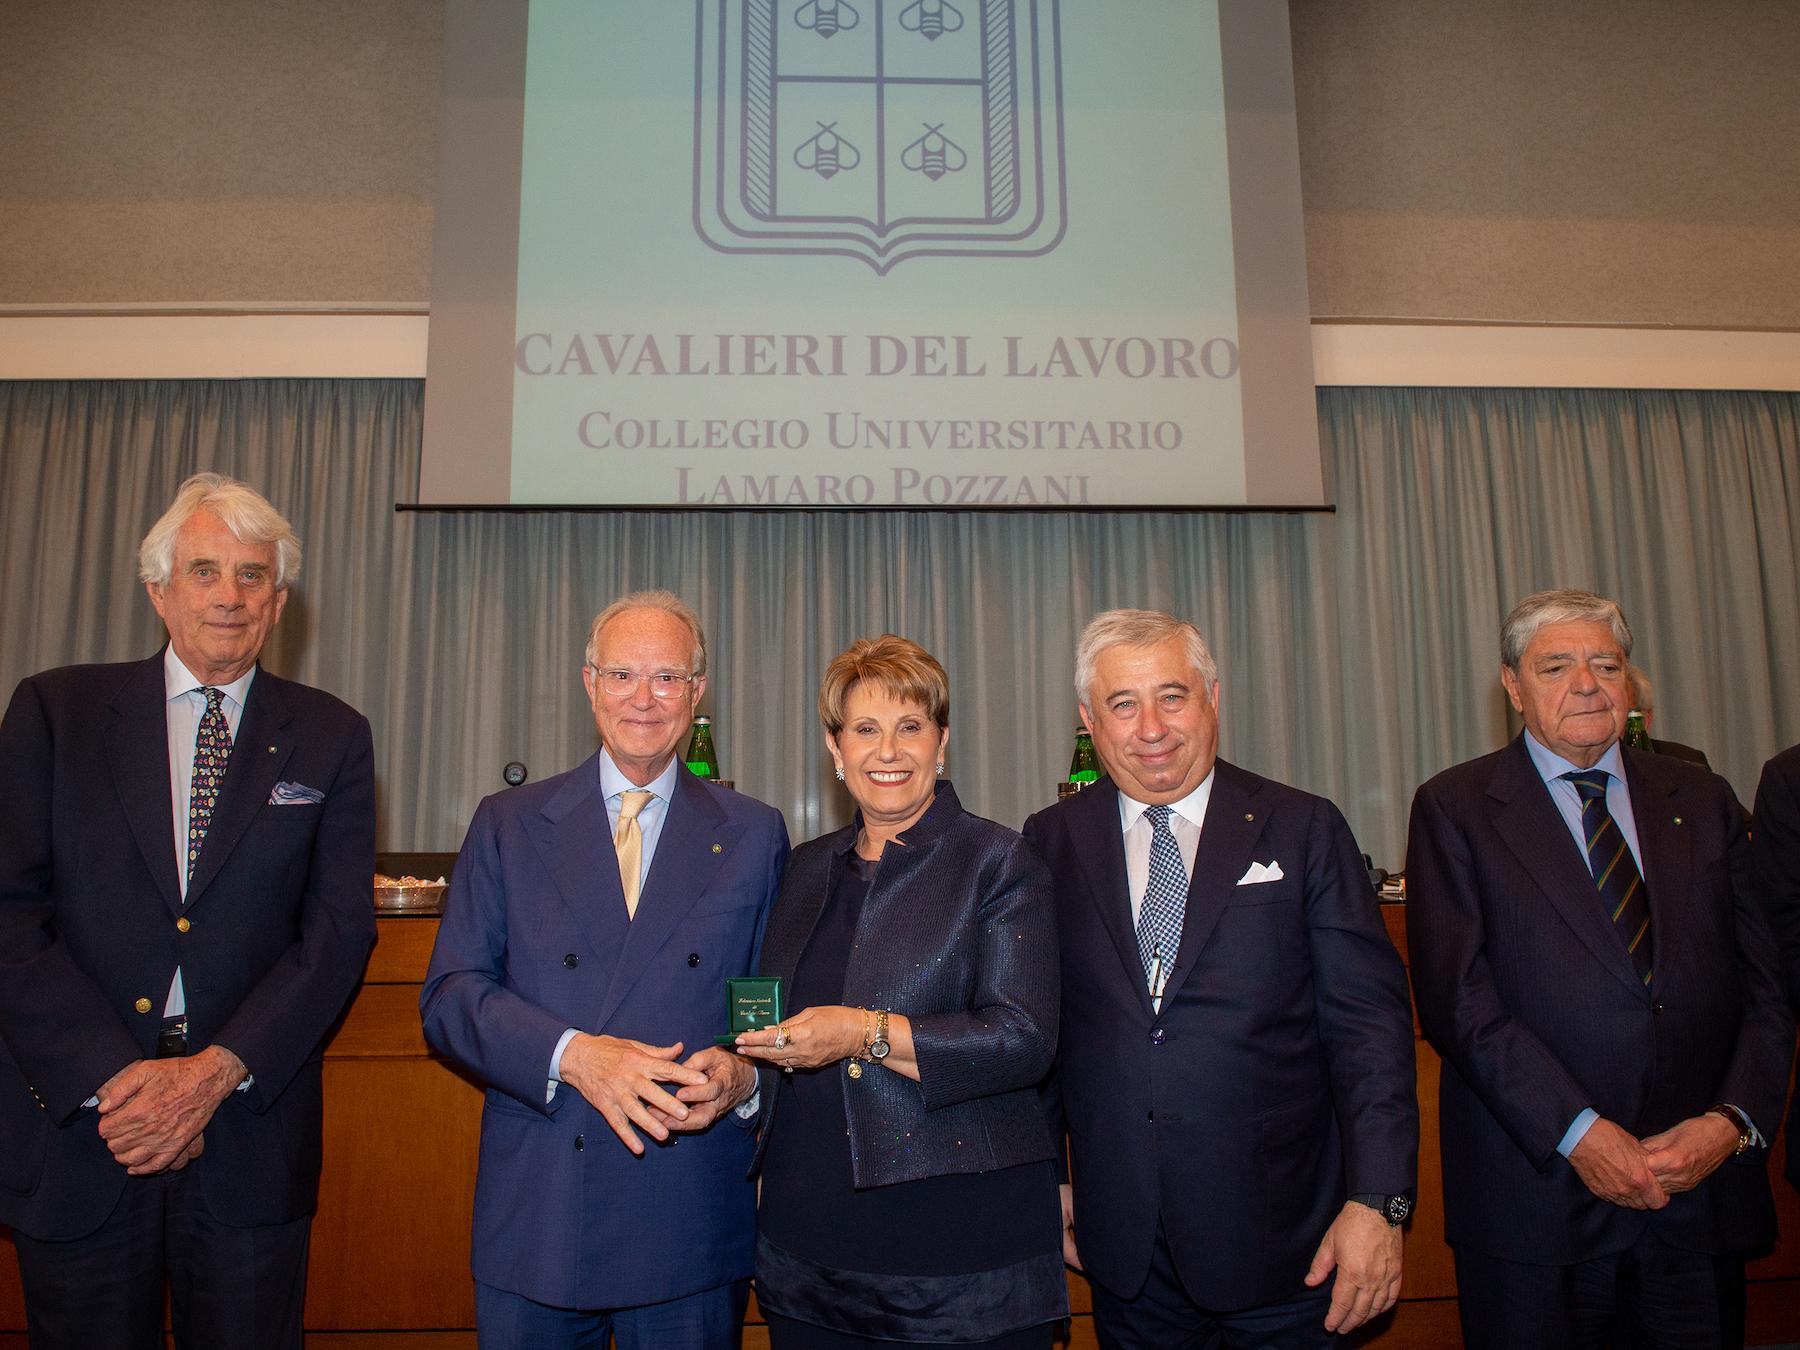 """""""Con amore e passione si ottengono risultati insperati"""": Rosanna De Lucia nominata Cavaliere del Lavoro"""